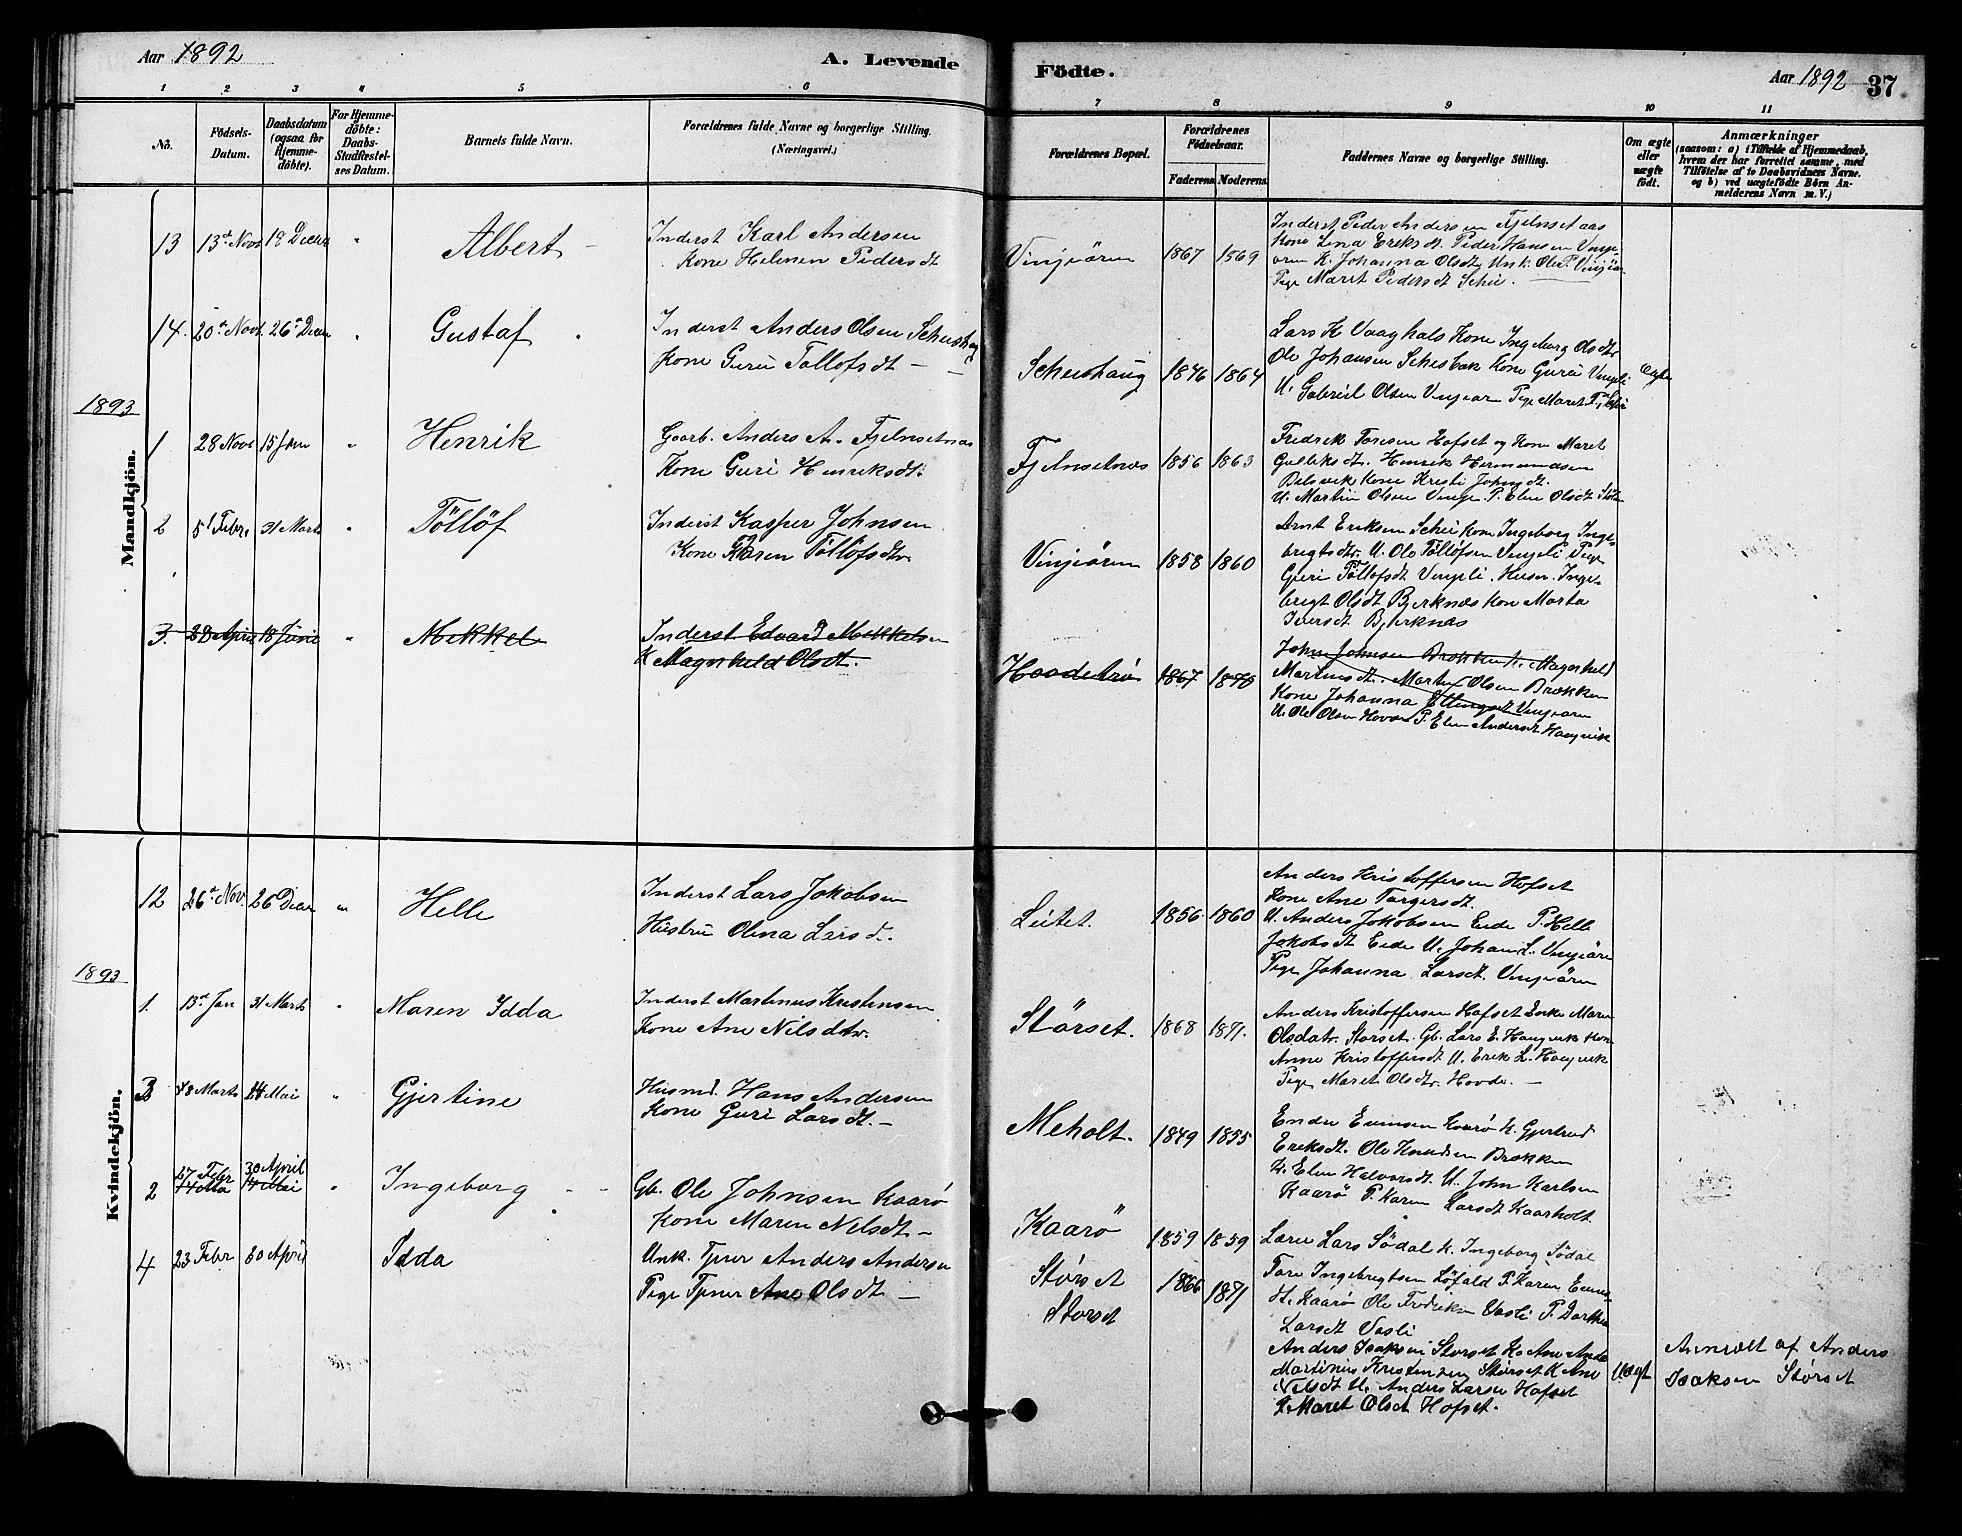 SAT, Ministerialprotokoller, klokkerbøker og fødselsregistre - Sør-Trøndelag, 631/L0514: Klokkerbok nr. 631C02, 1879-1912, s. 37